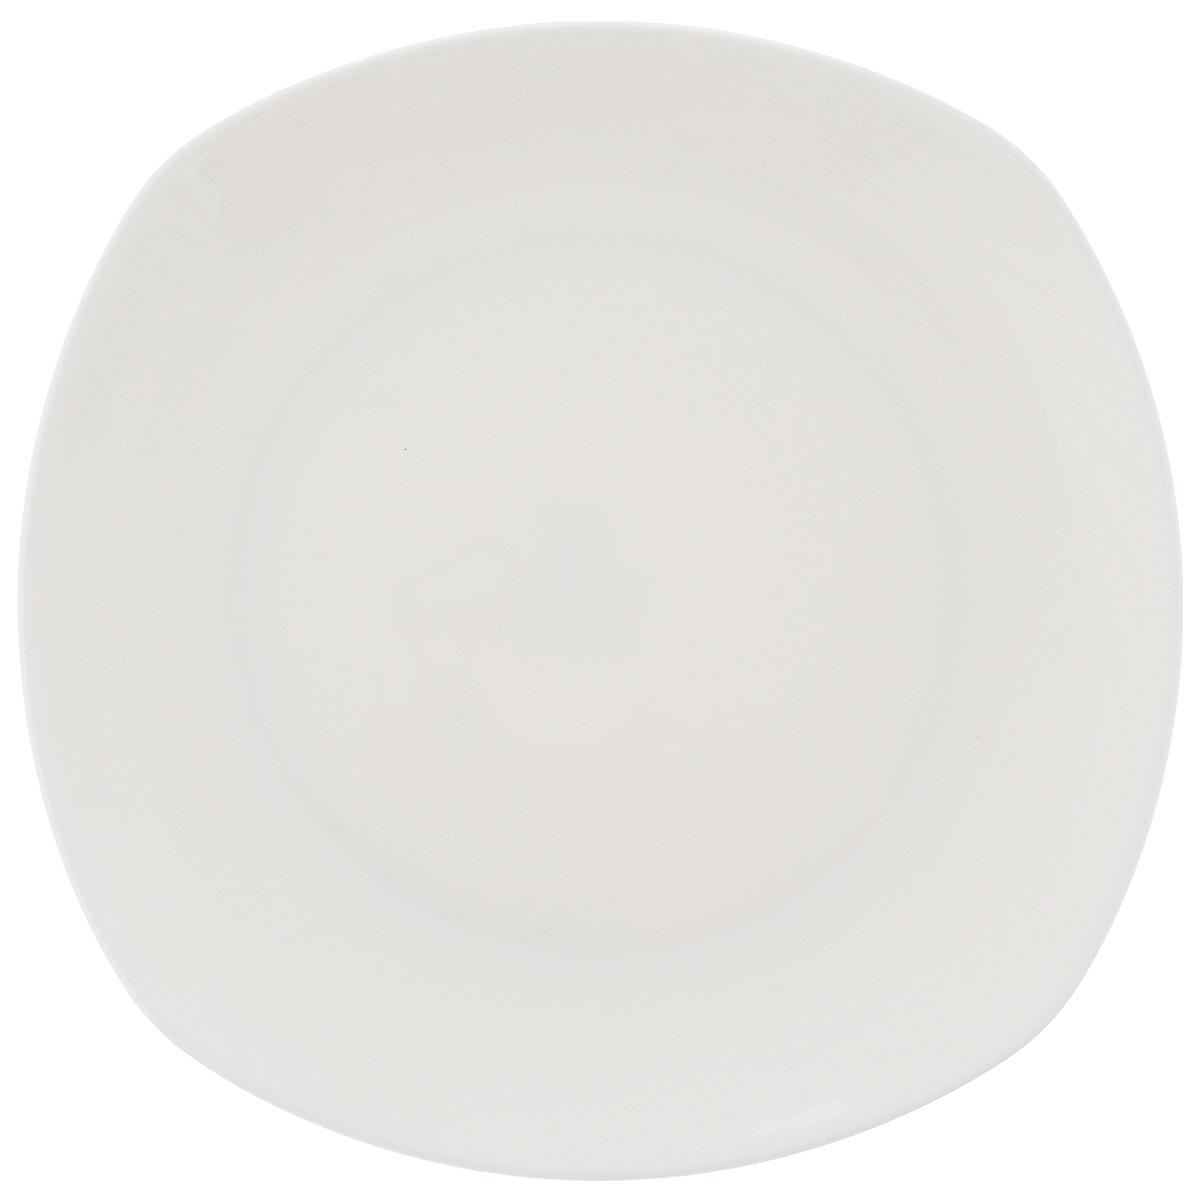 Тарелка Wilmax, 16,5 х 16,5 см115610Тарелка Wilmax, изготовленная из высококачественного фарфора, имеет оригинальную форму. Она прекрасно впишется в интерьер вашей кухни и станет достойным дополнением к кухонному инвентарю. Тарелка Wilmax подчеркнет прекрасный вкус хозяйки и станет отличным подарком.Можно мыть в посудомоечной машине и использовать в микроволновой печи. Размер тарелки (по верхнему краю): 16,5 х 16,5 см.